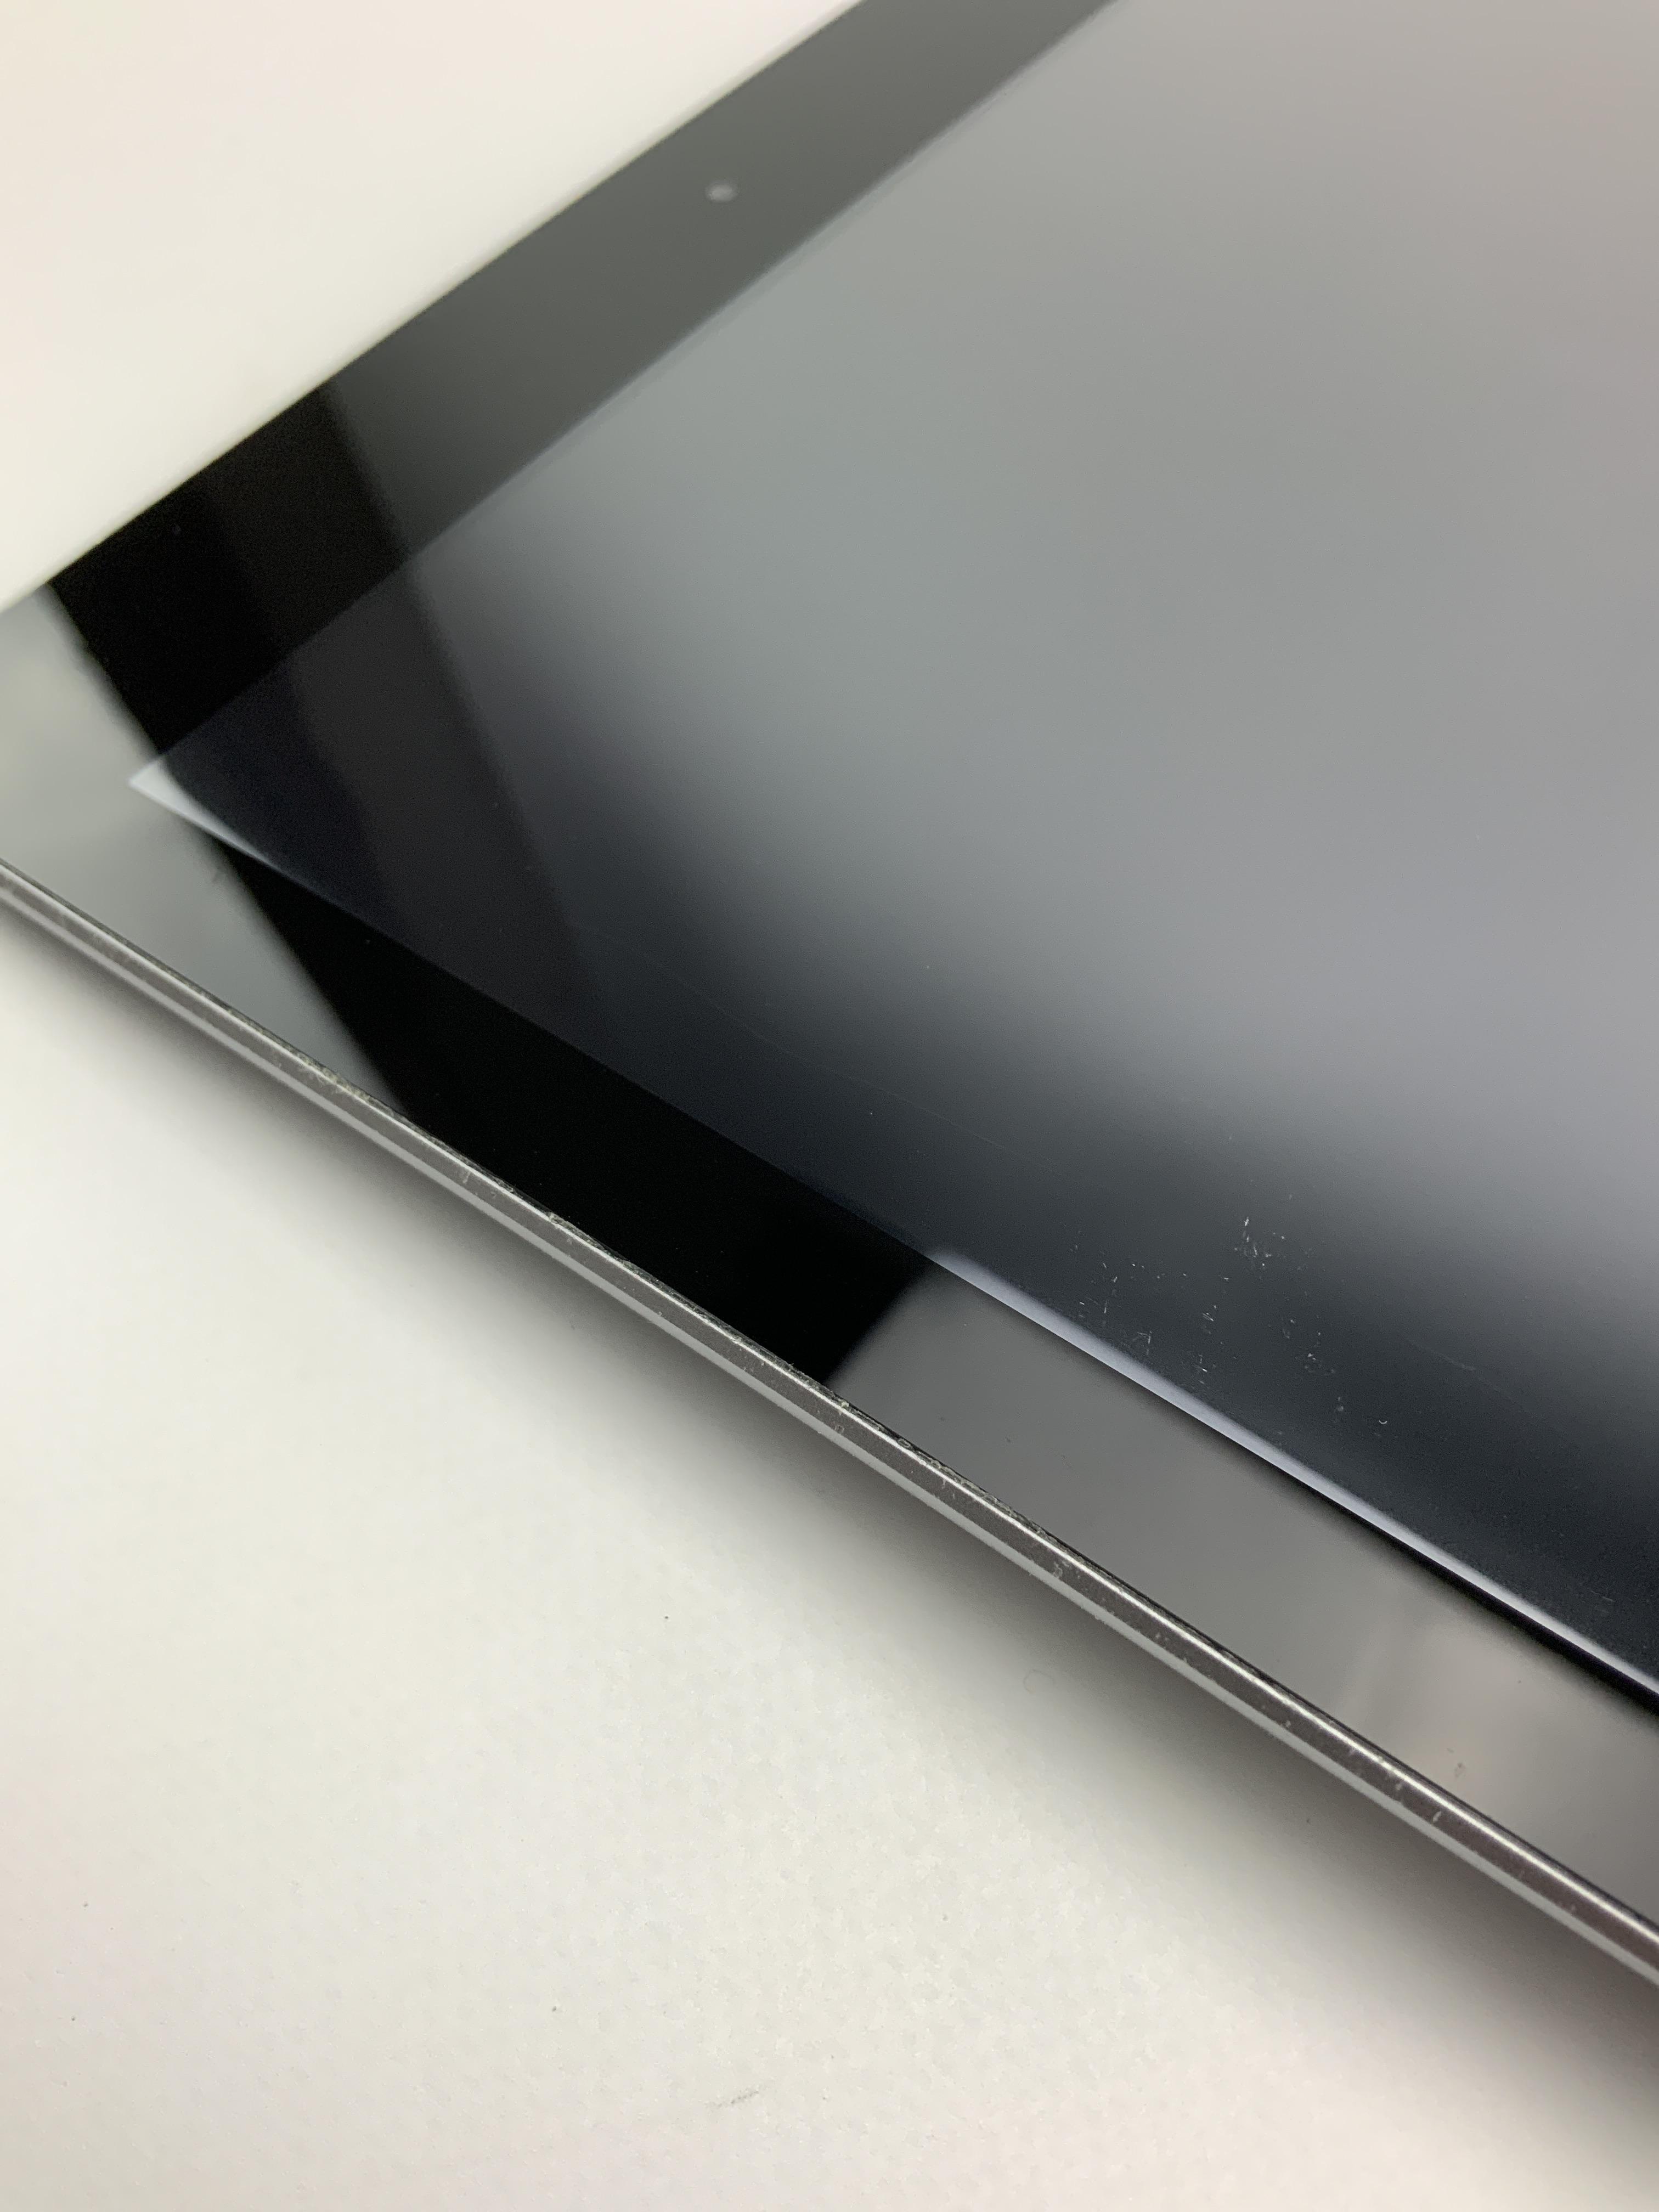 iPad 5 Wi-Fi 128GB, 128GB, Space Gray, imagen 4